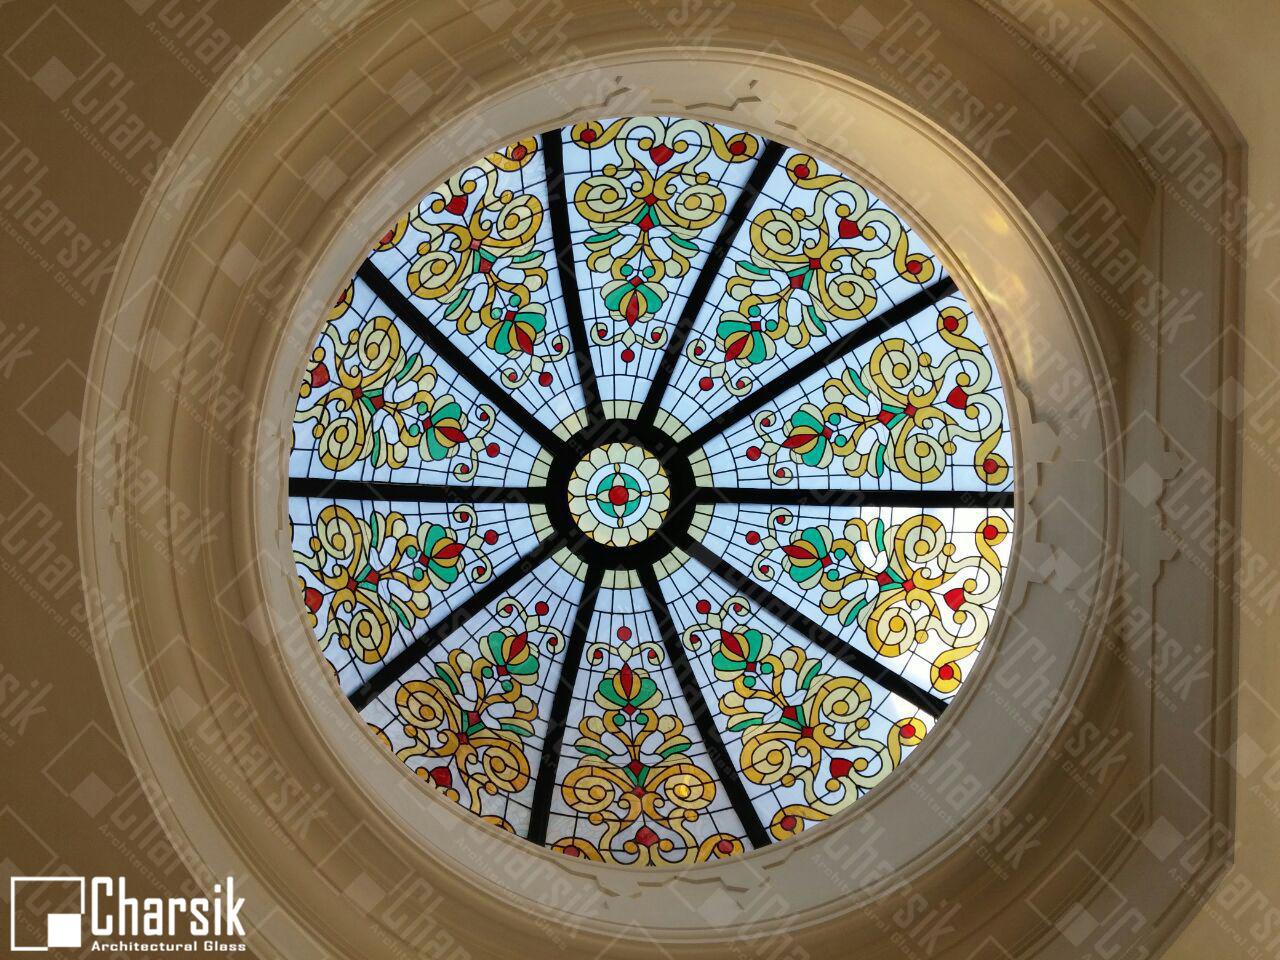 سقف شیشه ای منحنی رنگی چارسیک